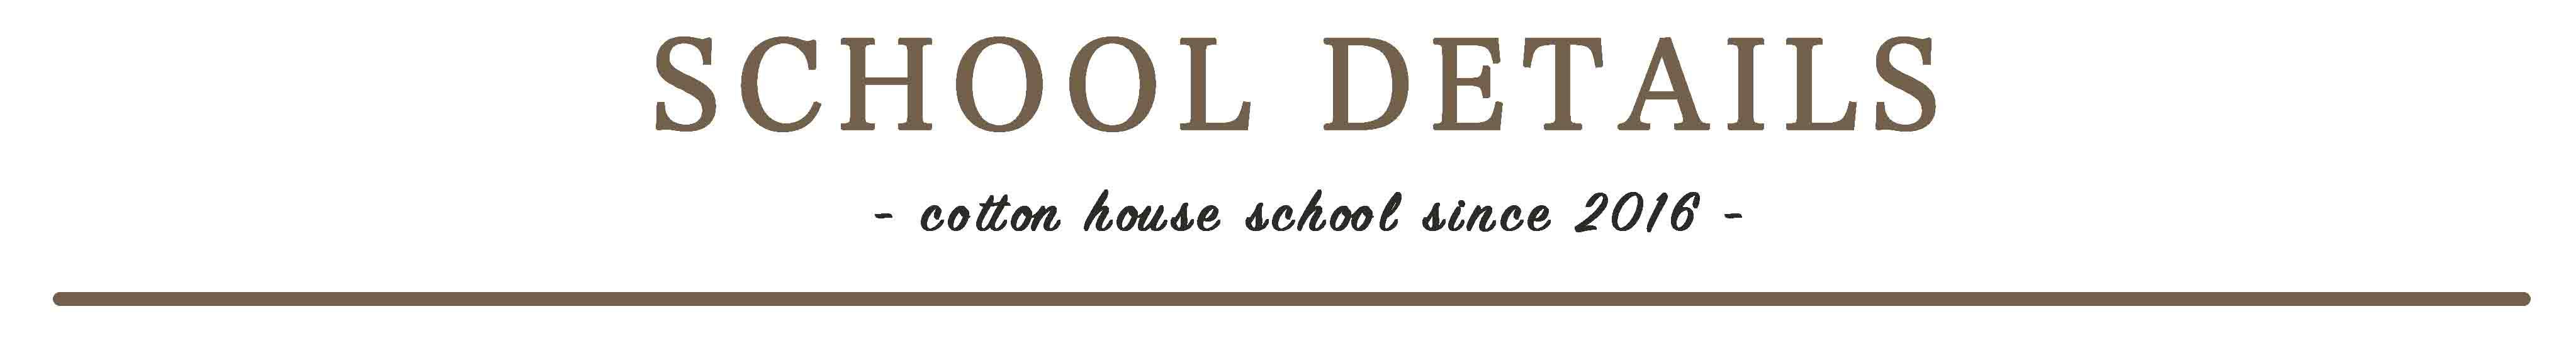 School details